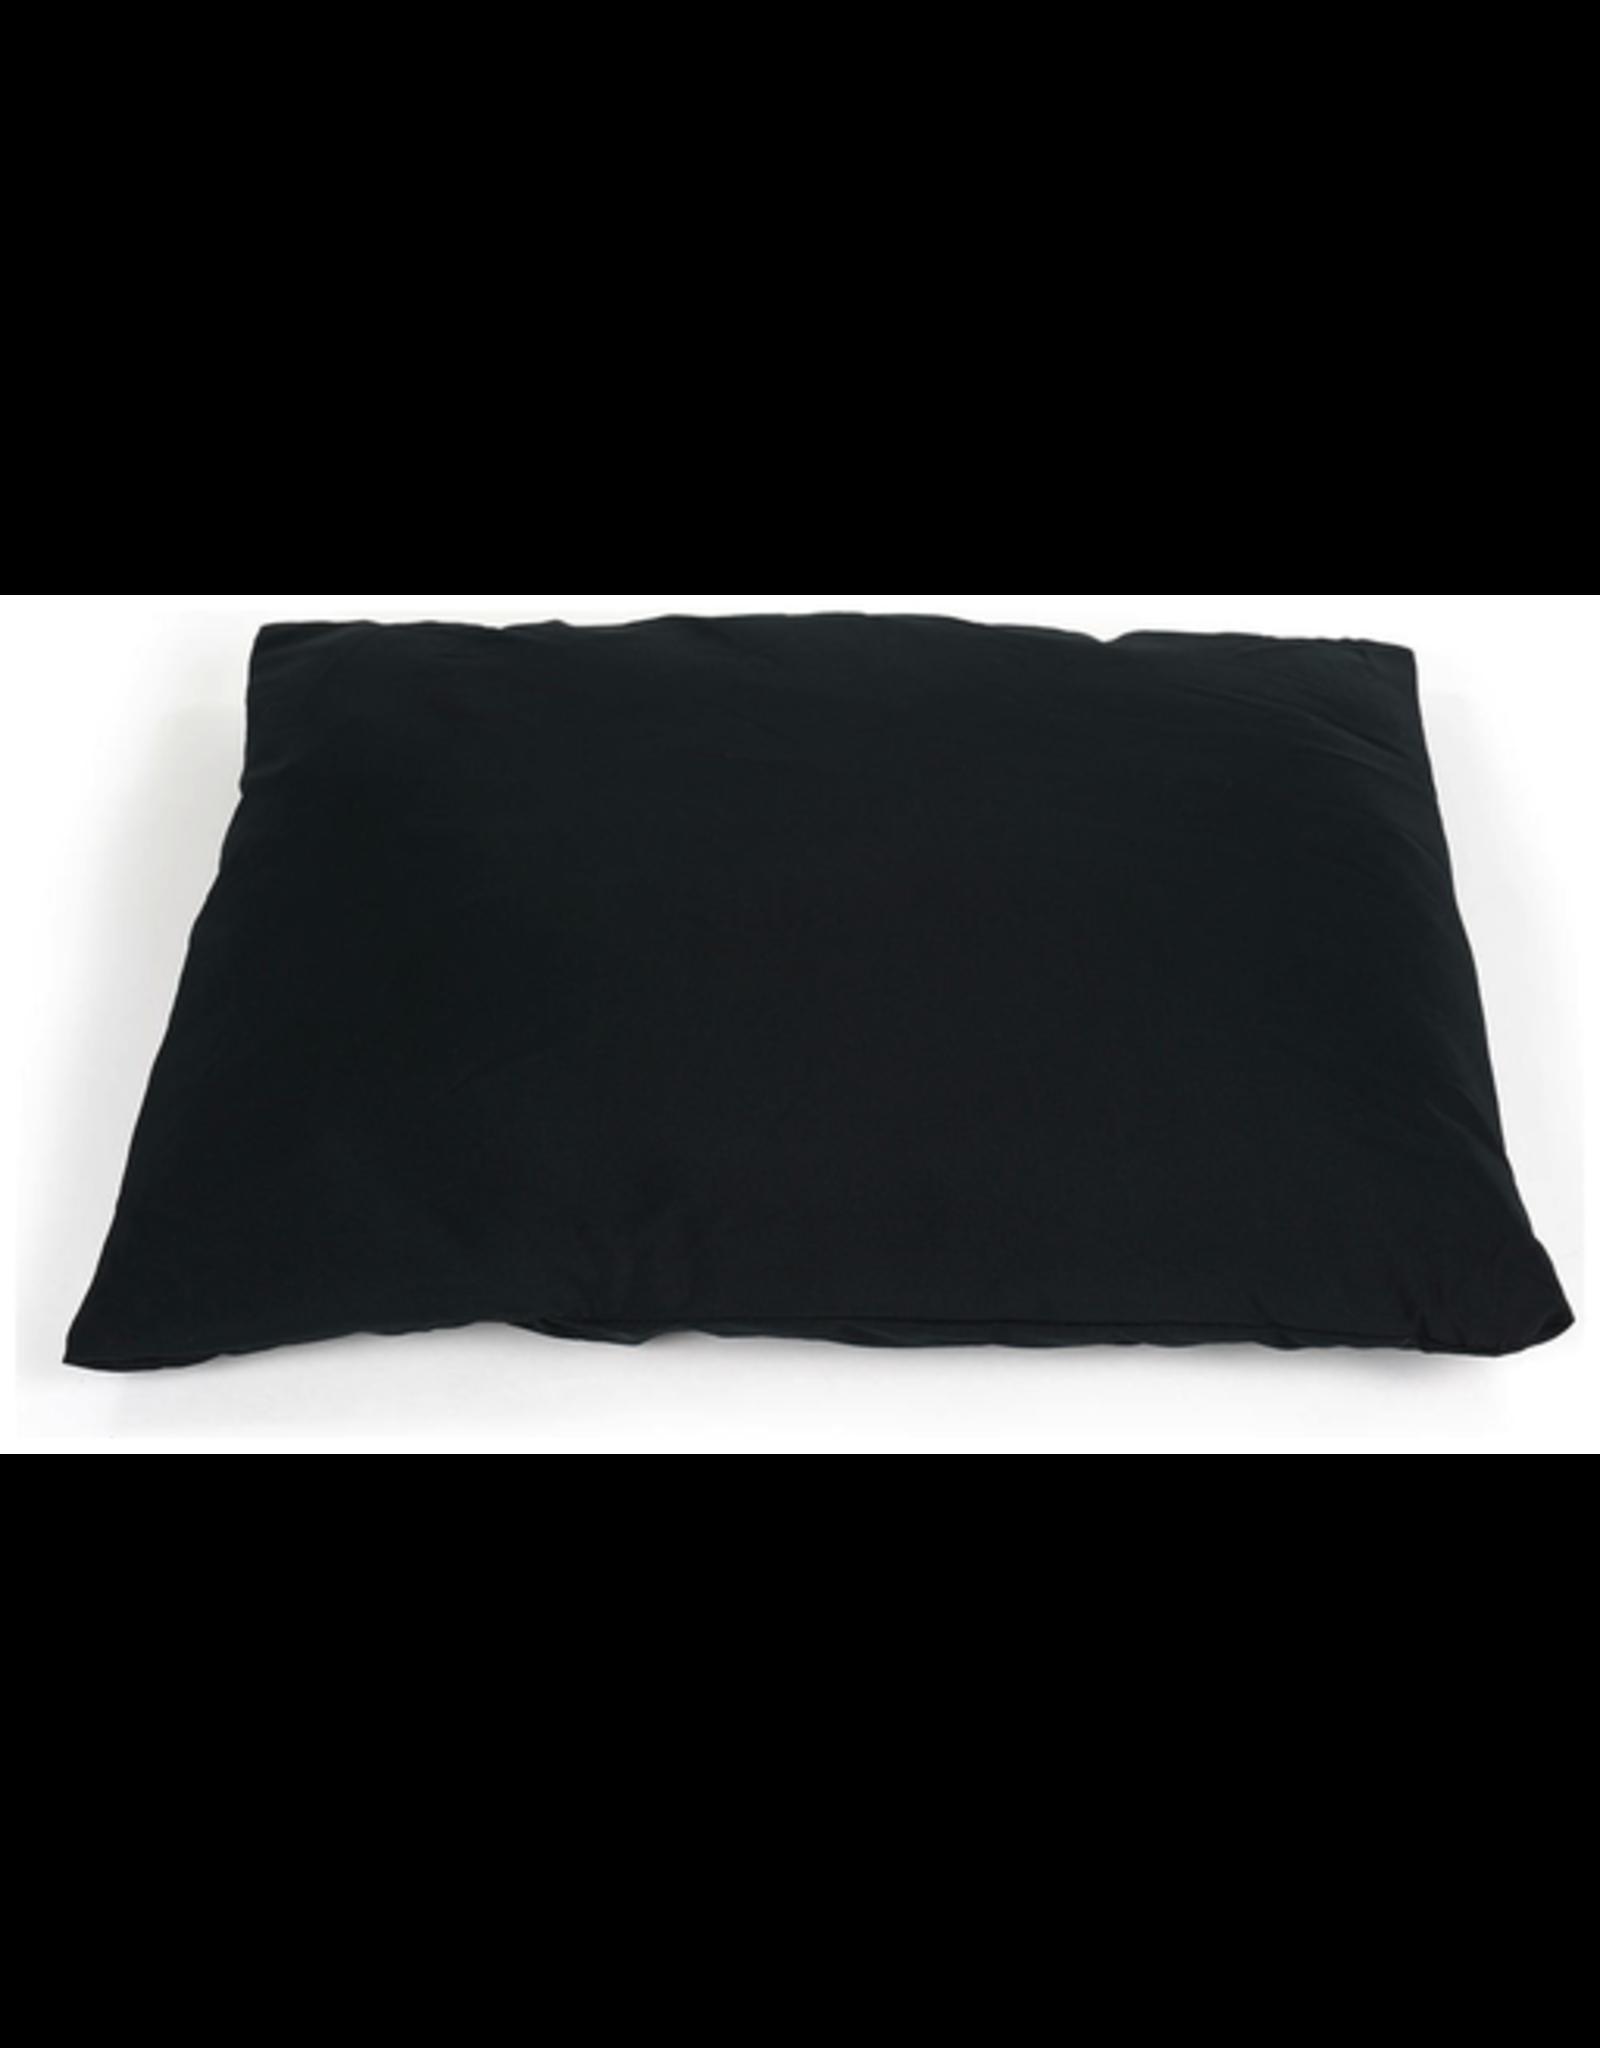 Chinook Chinook Down Pillow